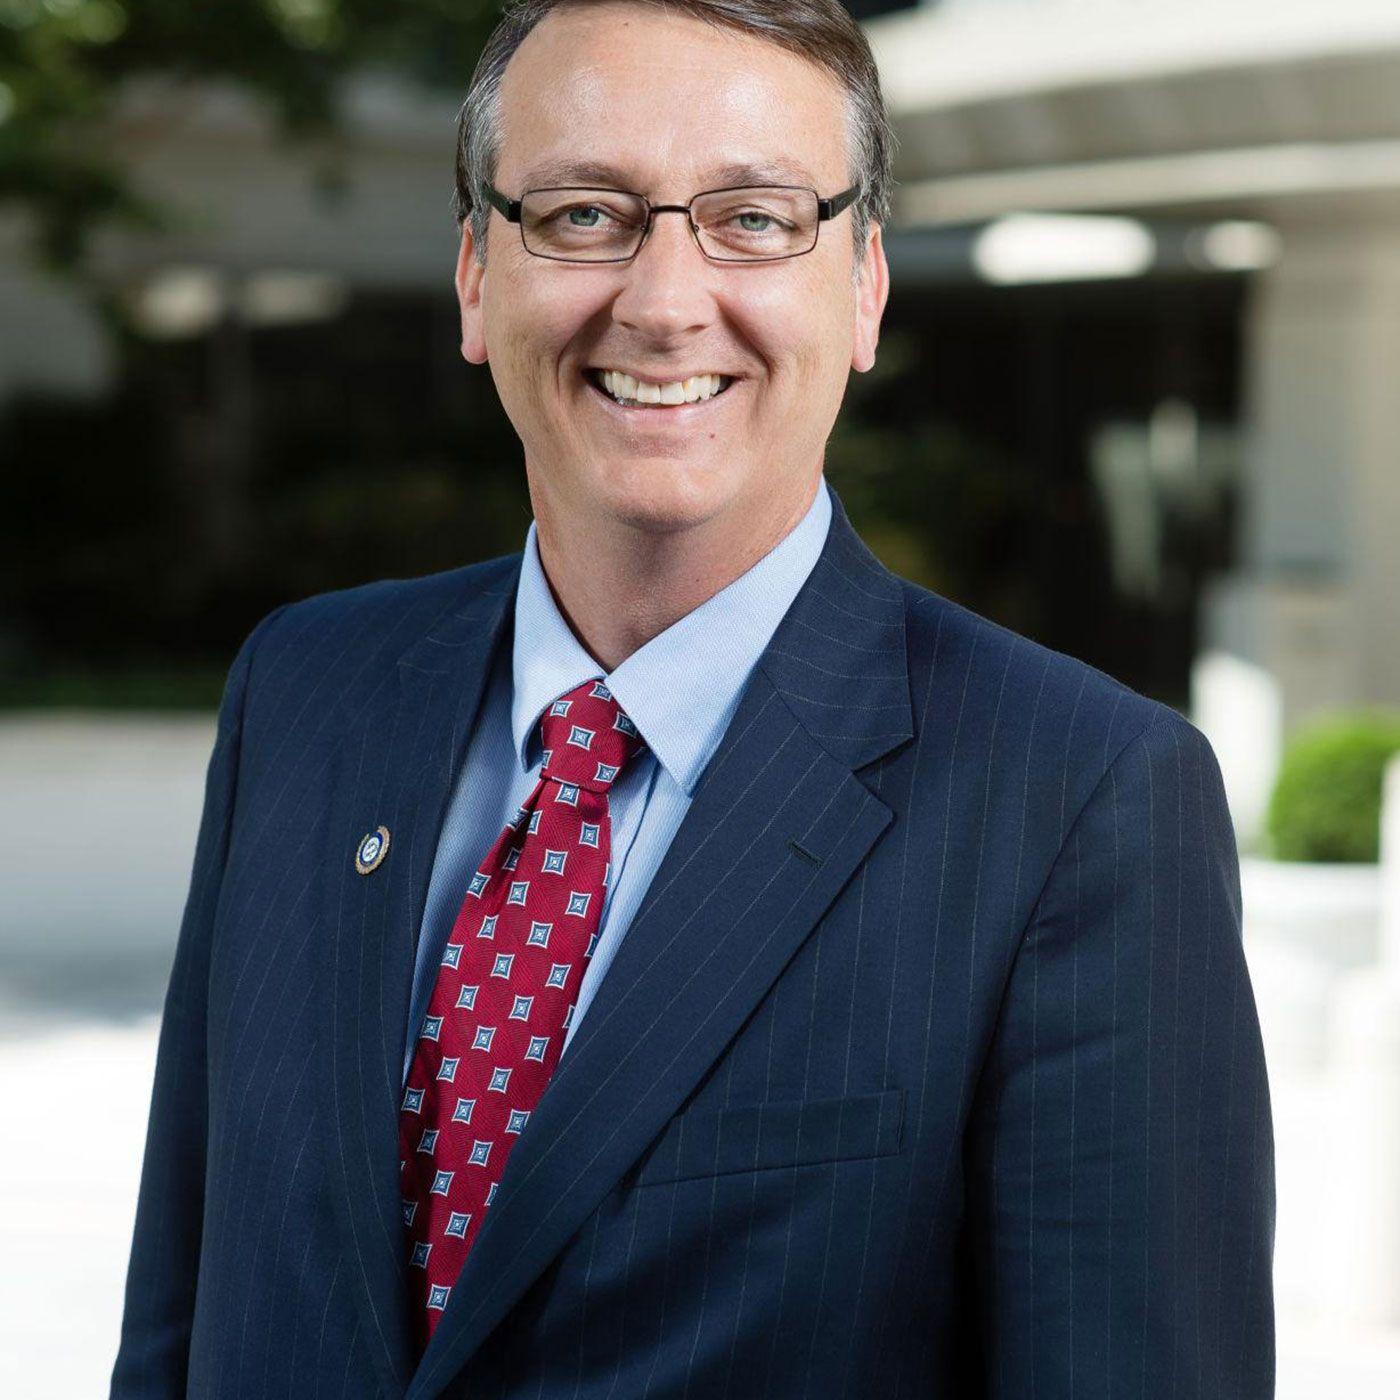 Dr. Scott Brabrand, Superintendent, Fairfax County Public Schools